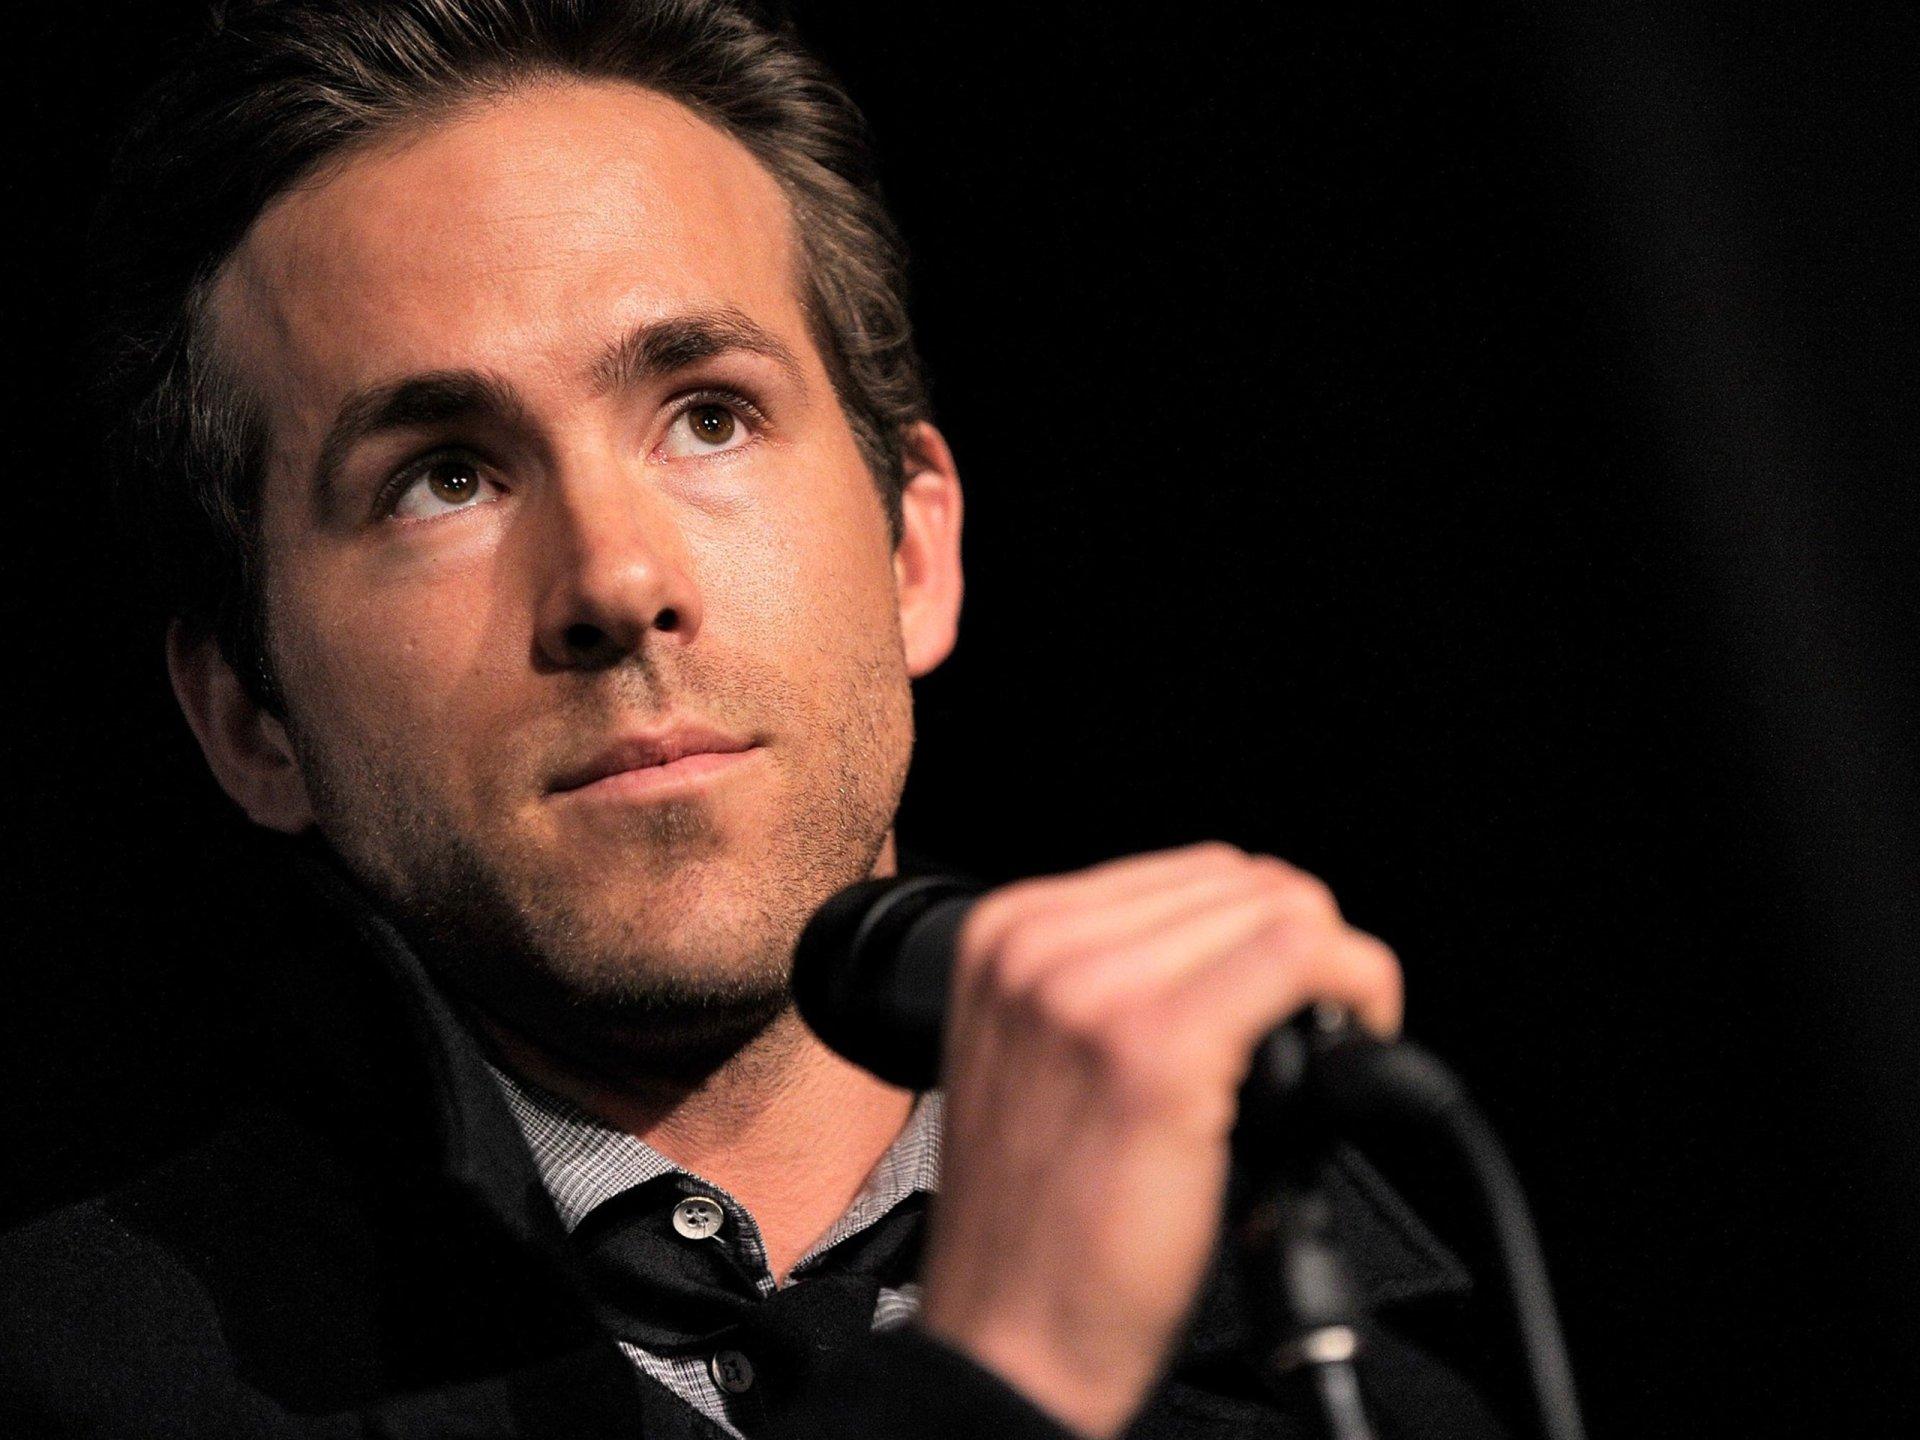 名人 - Ryan Reynolds  壁纸